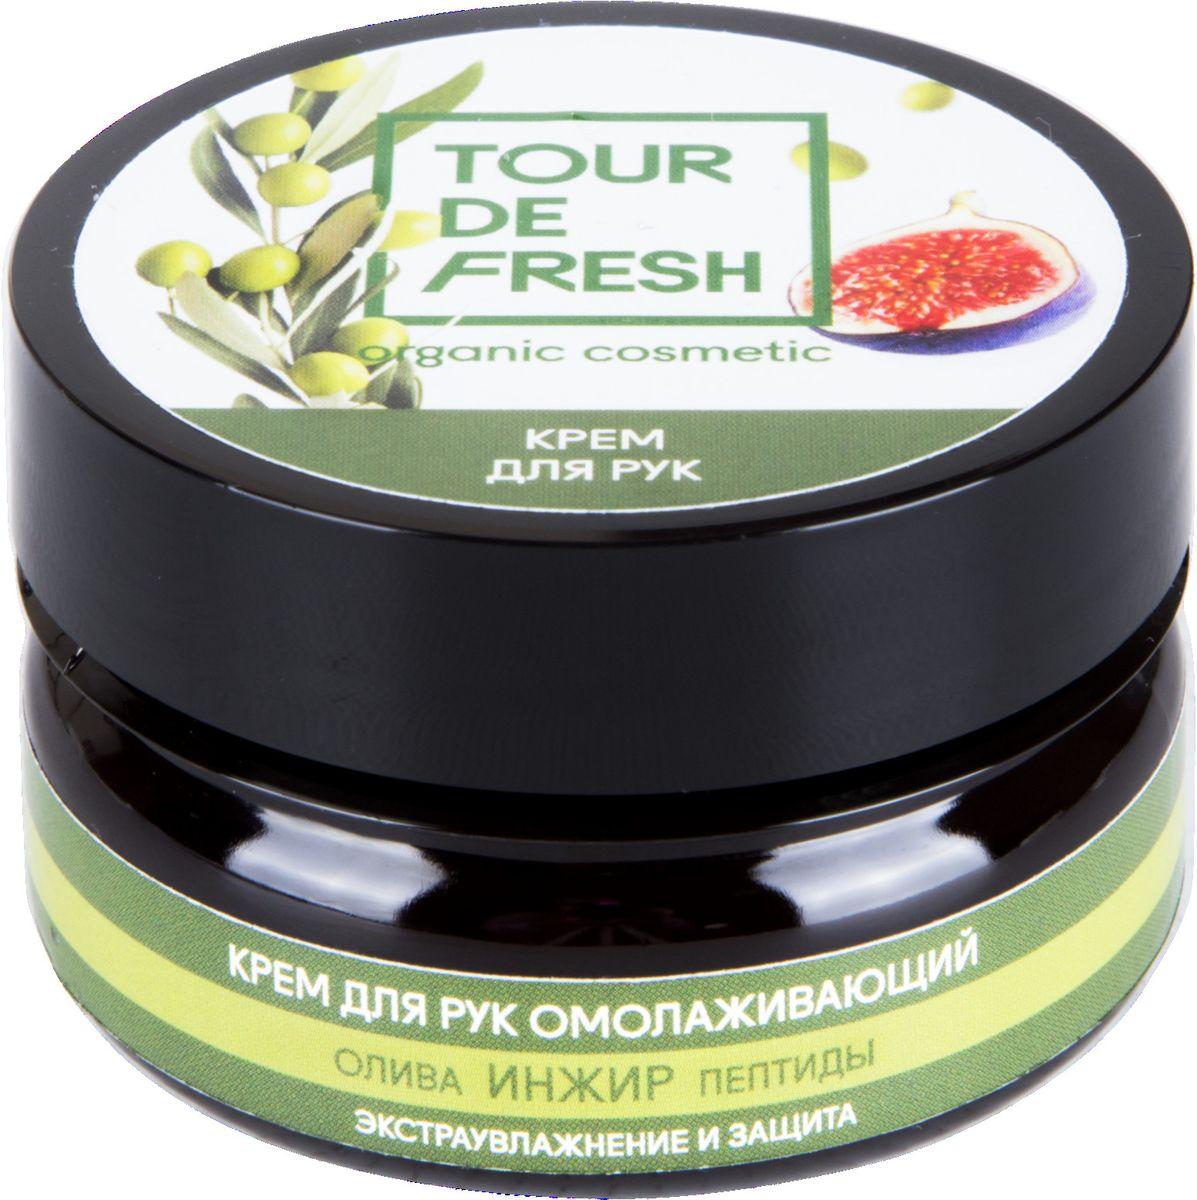 Tour De Fresh Омолаживающий крем для рук Олива, инжир и пептиды, 60 млУФ000000337Крем для рук Олива-инжир-пептиды деликатно ухаживает за кожей, быстро впитывается и не оставляет жирных следов. В состав входит оливковое масло, питающее кожу и уменьшающее глубину морщин. Экстракт инжира - мощное лифтинг-средство, которое тонизирует кожу и обладает интенсивным омолаживающим действием. Пептиды ржи замедляют разрушение коллагеновых волокон и способствуют обновлению клеток.Как ухаживать за ногтями: советы эксперта. Статья OZON Гид